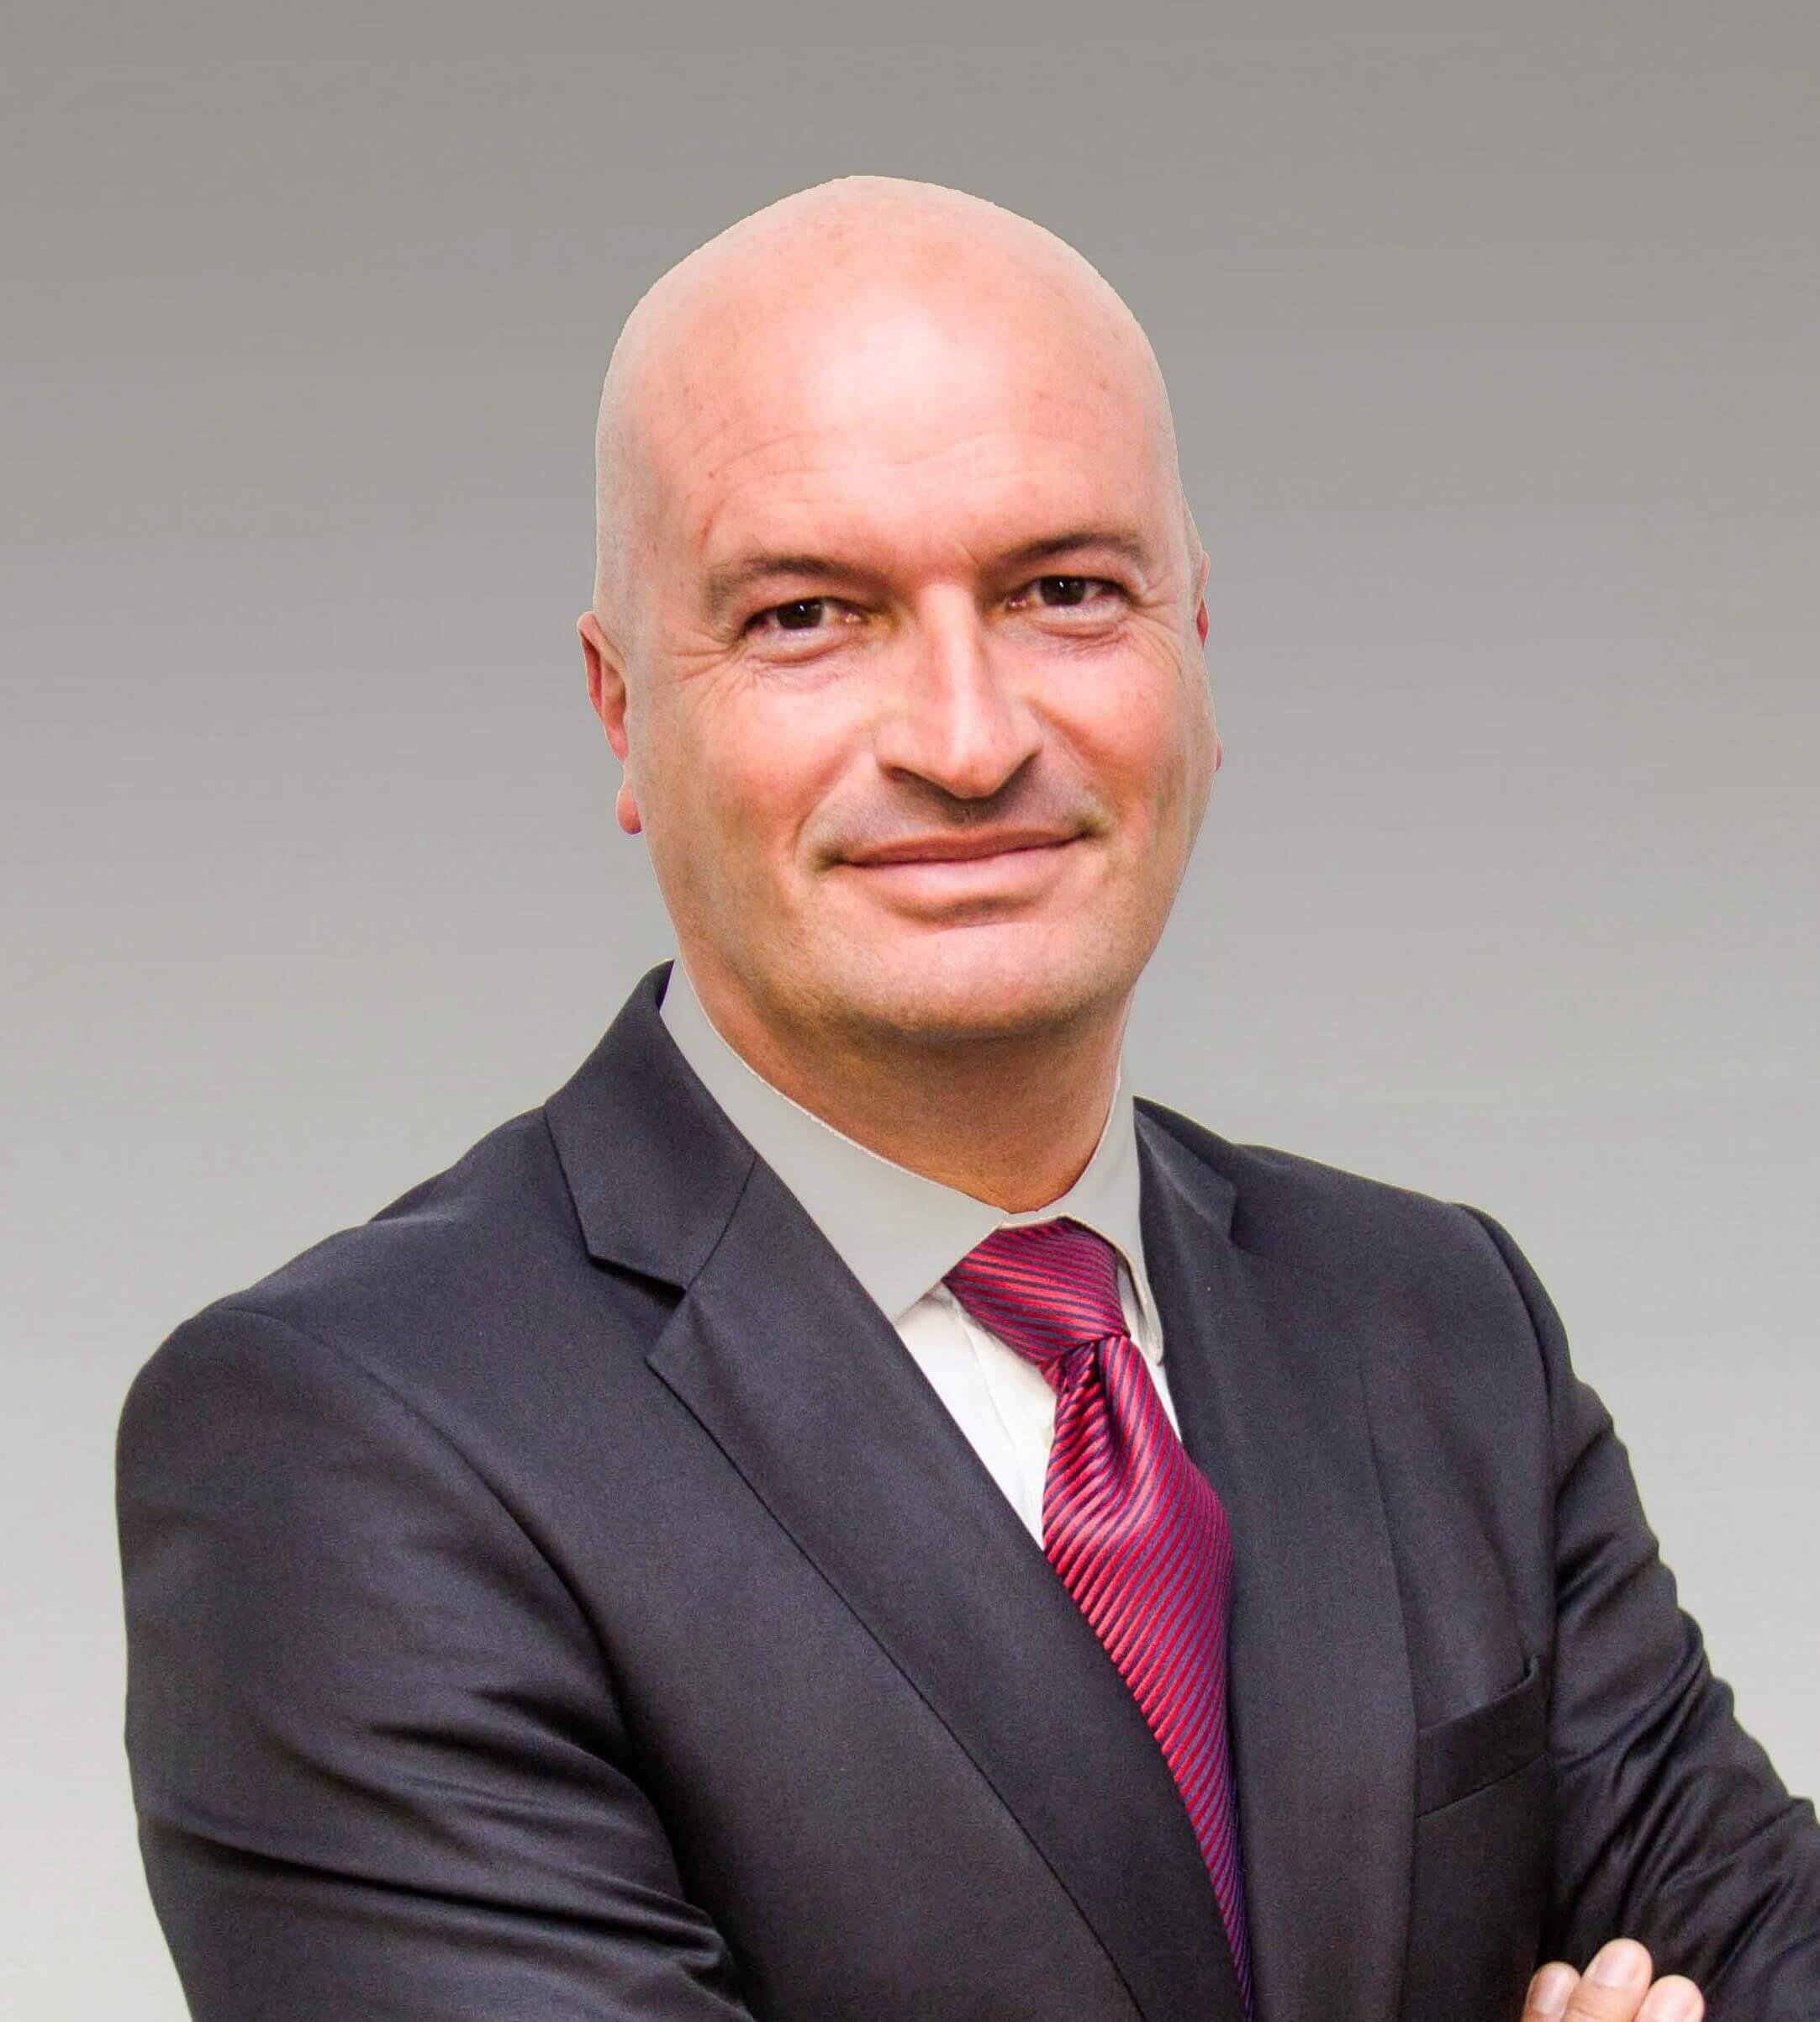 Macario Juna, Managing Director